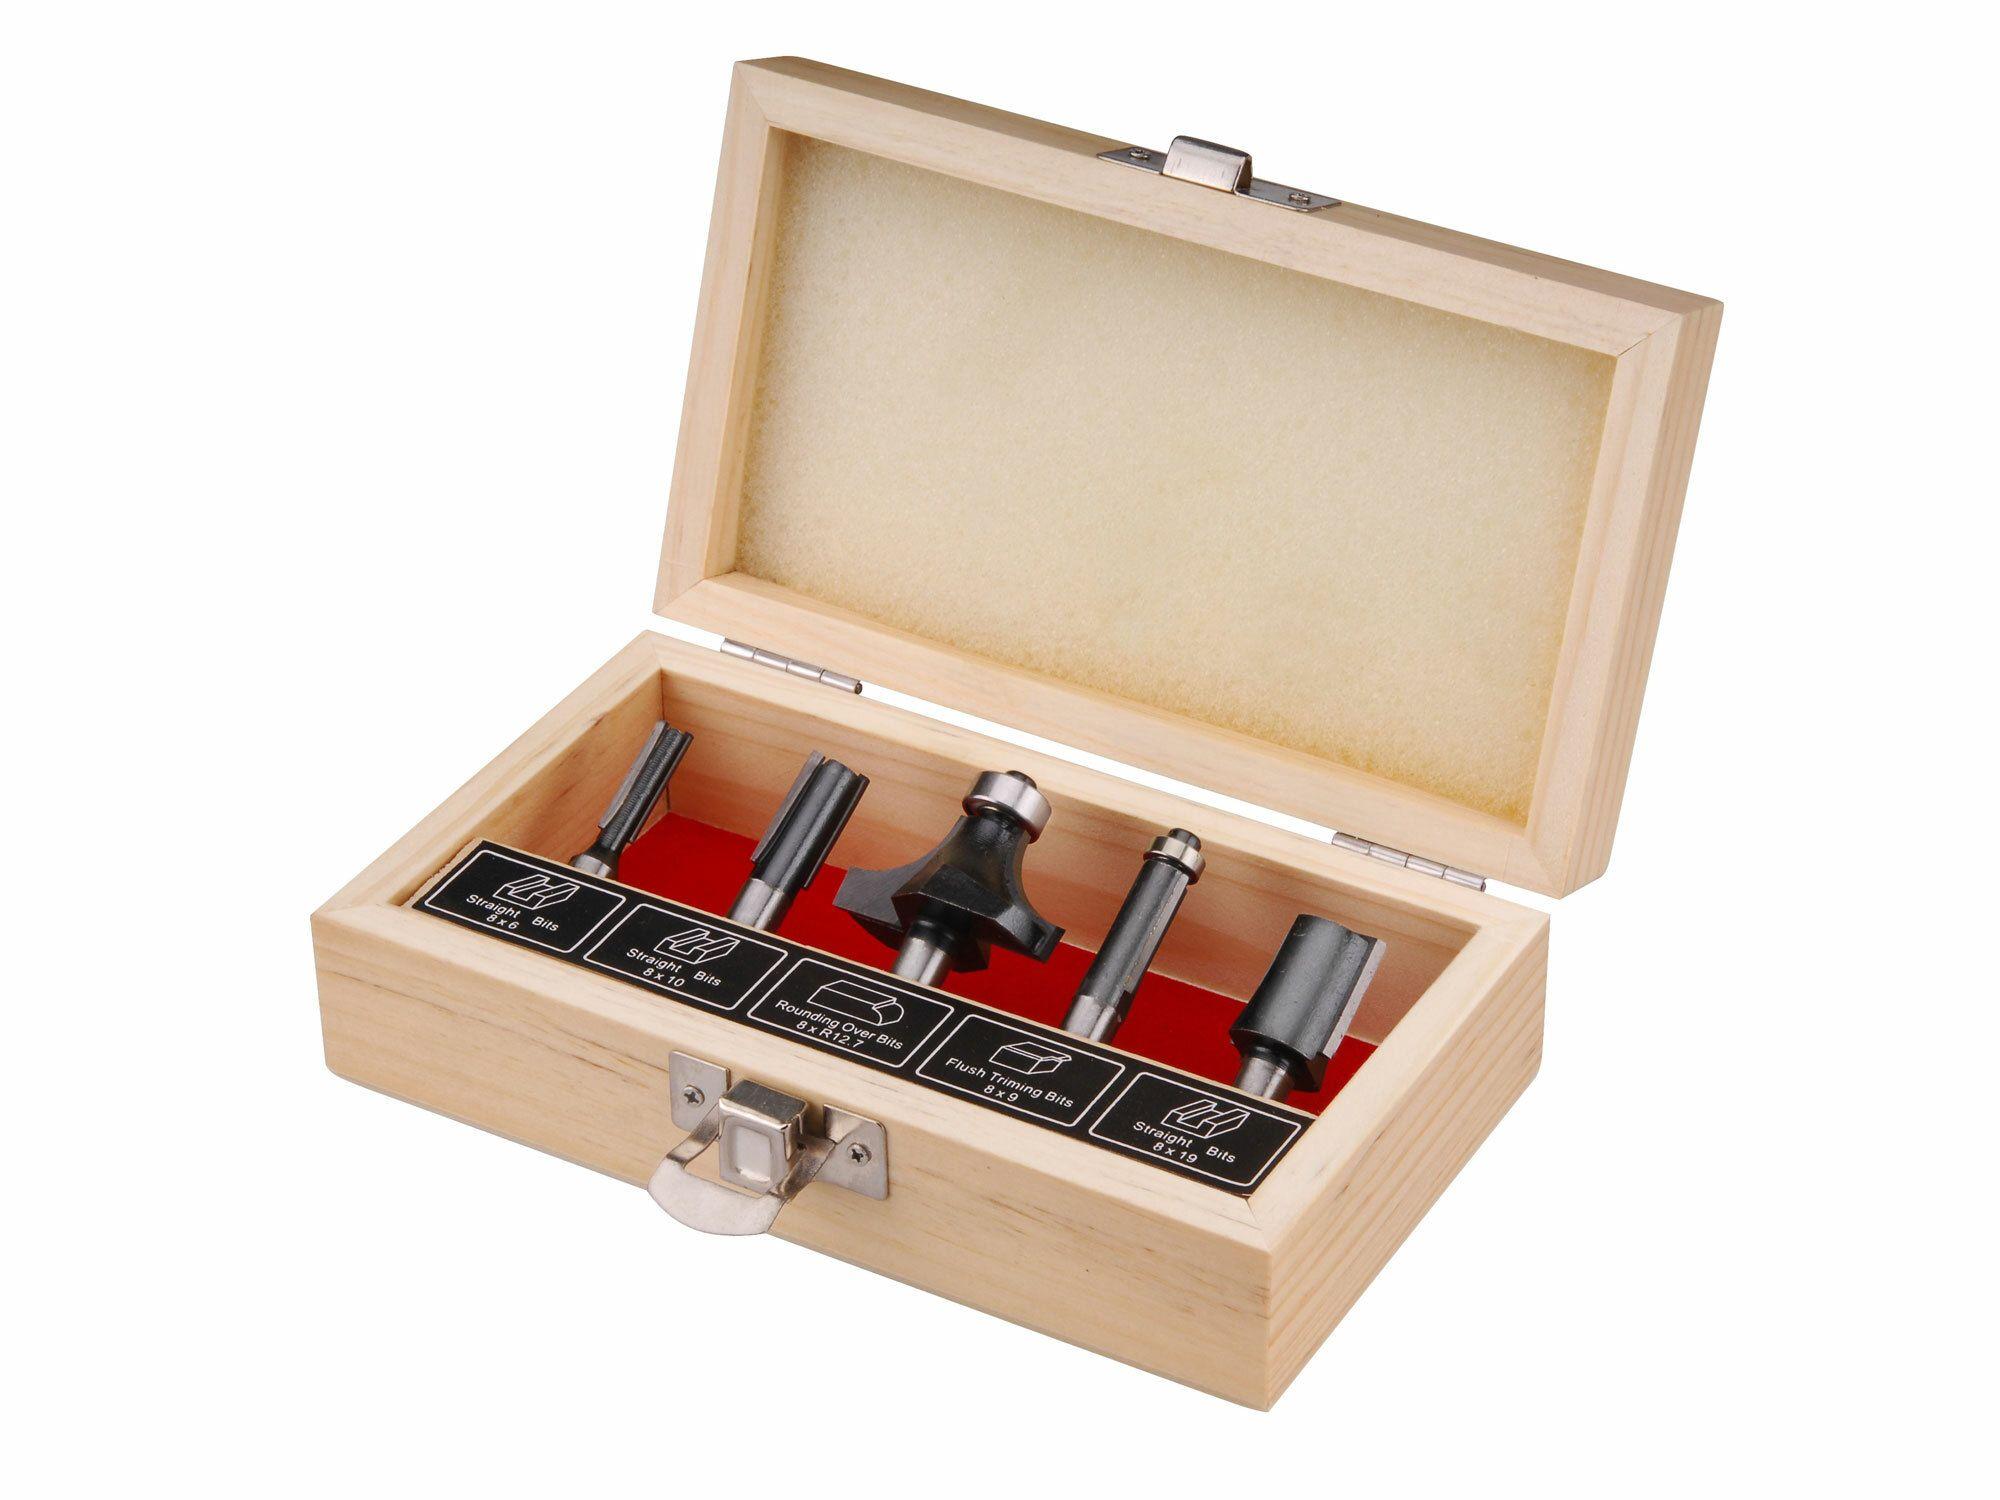 Frézy tvarové do dřeva s SK plátky, sada 5ks, stopka 8mm, v dřevěné kazetě, EXTOL CRAFT